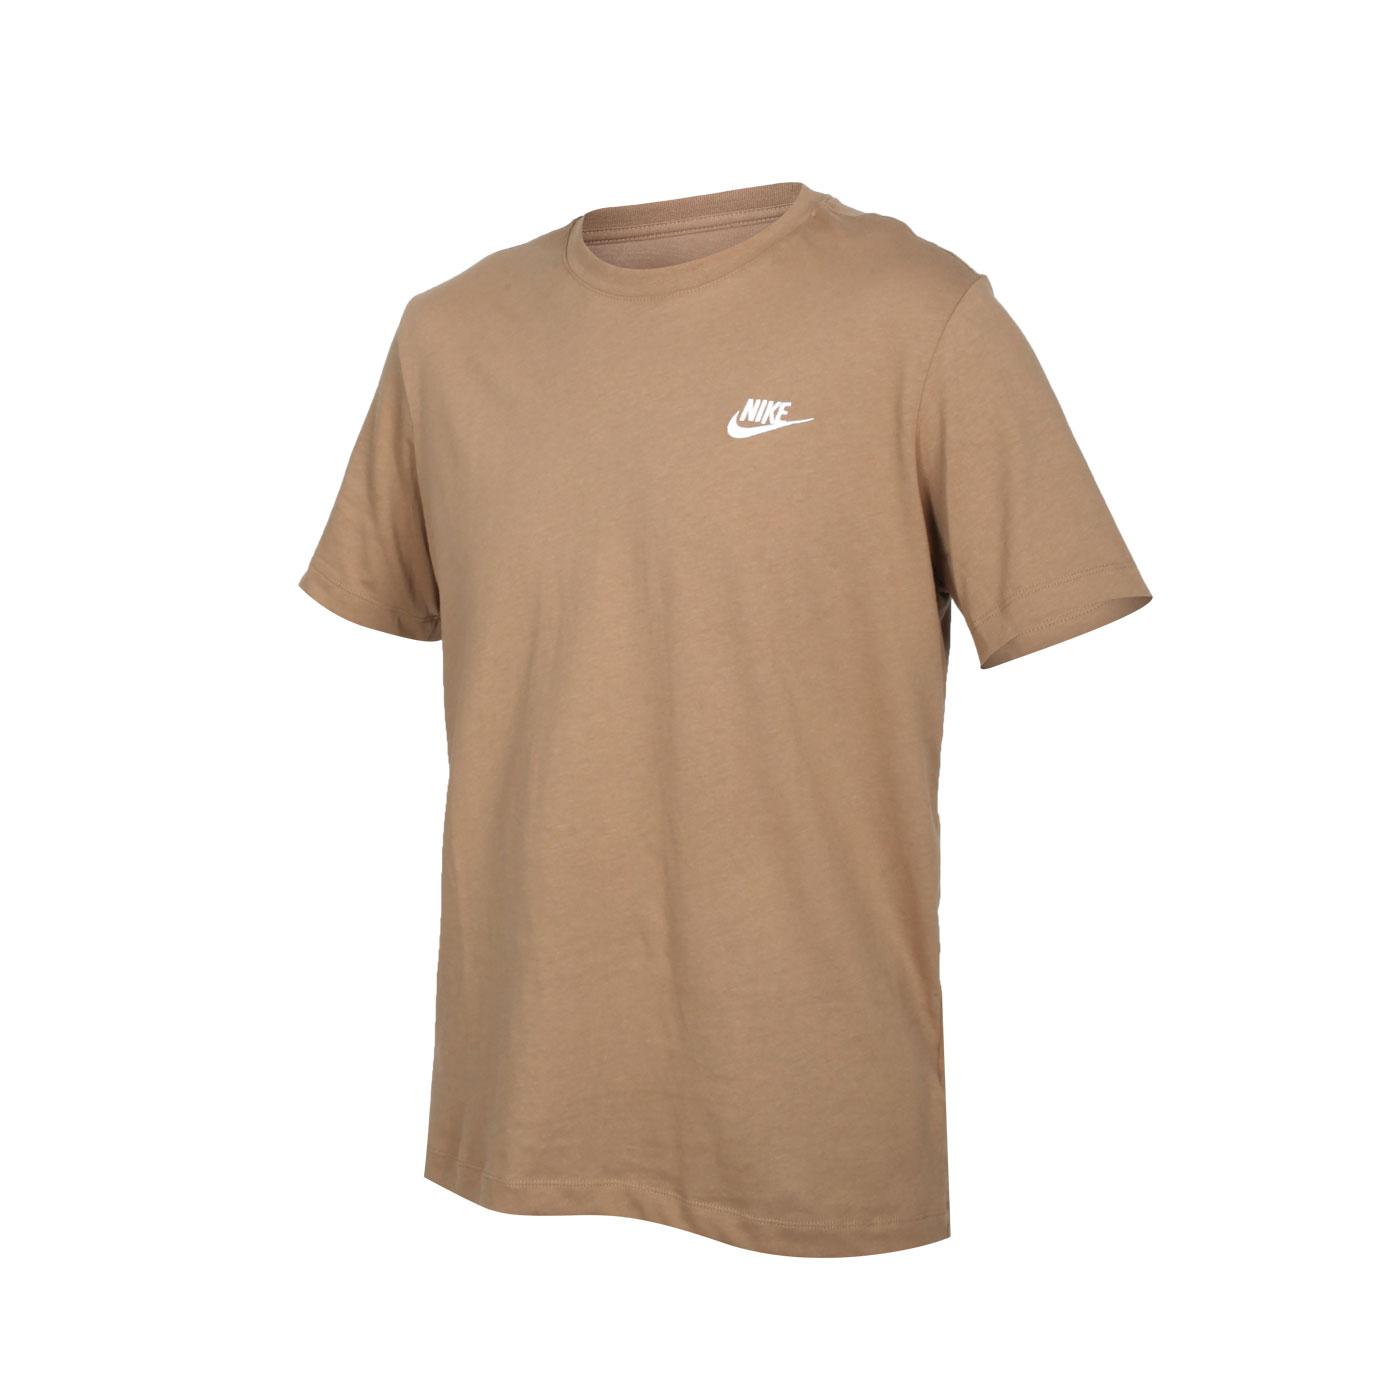 NIKE 男款短袖T恤 AR4999-258